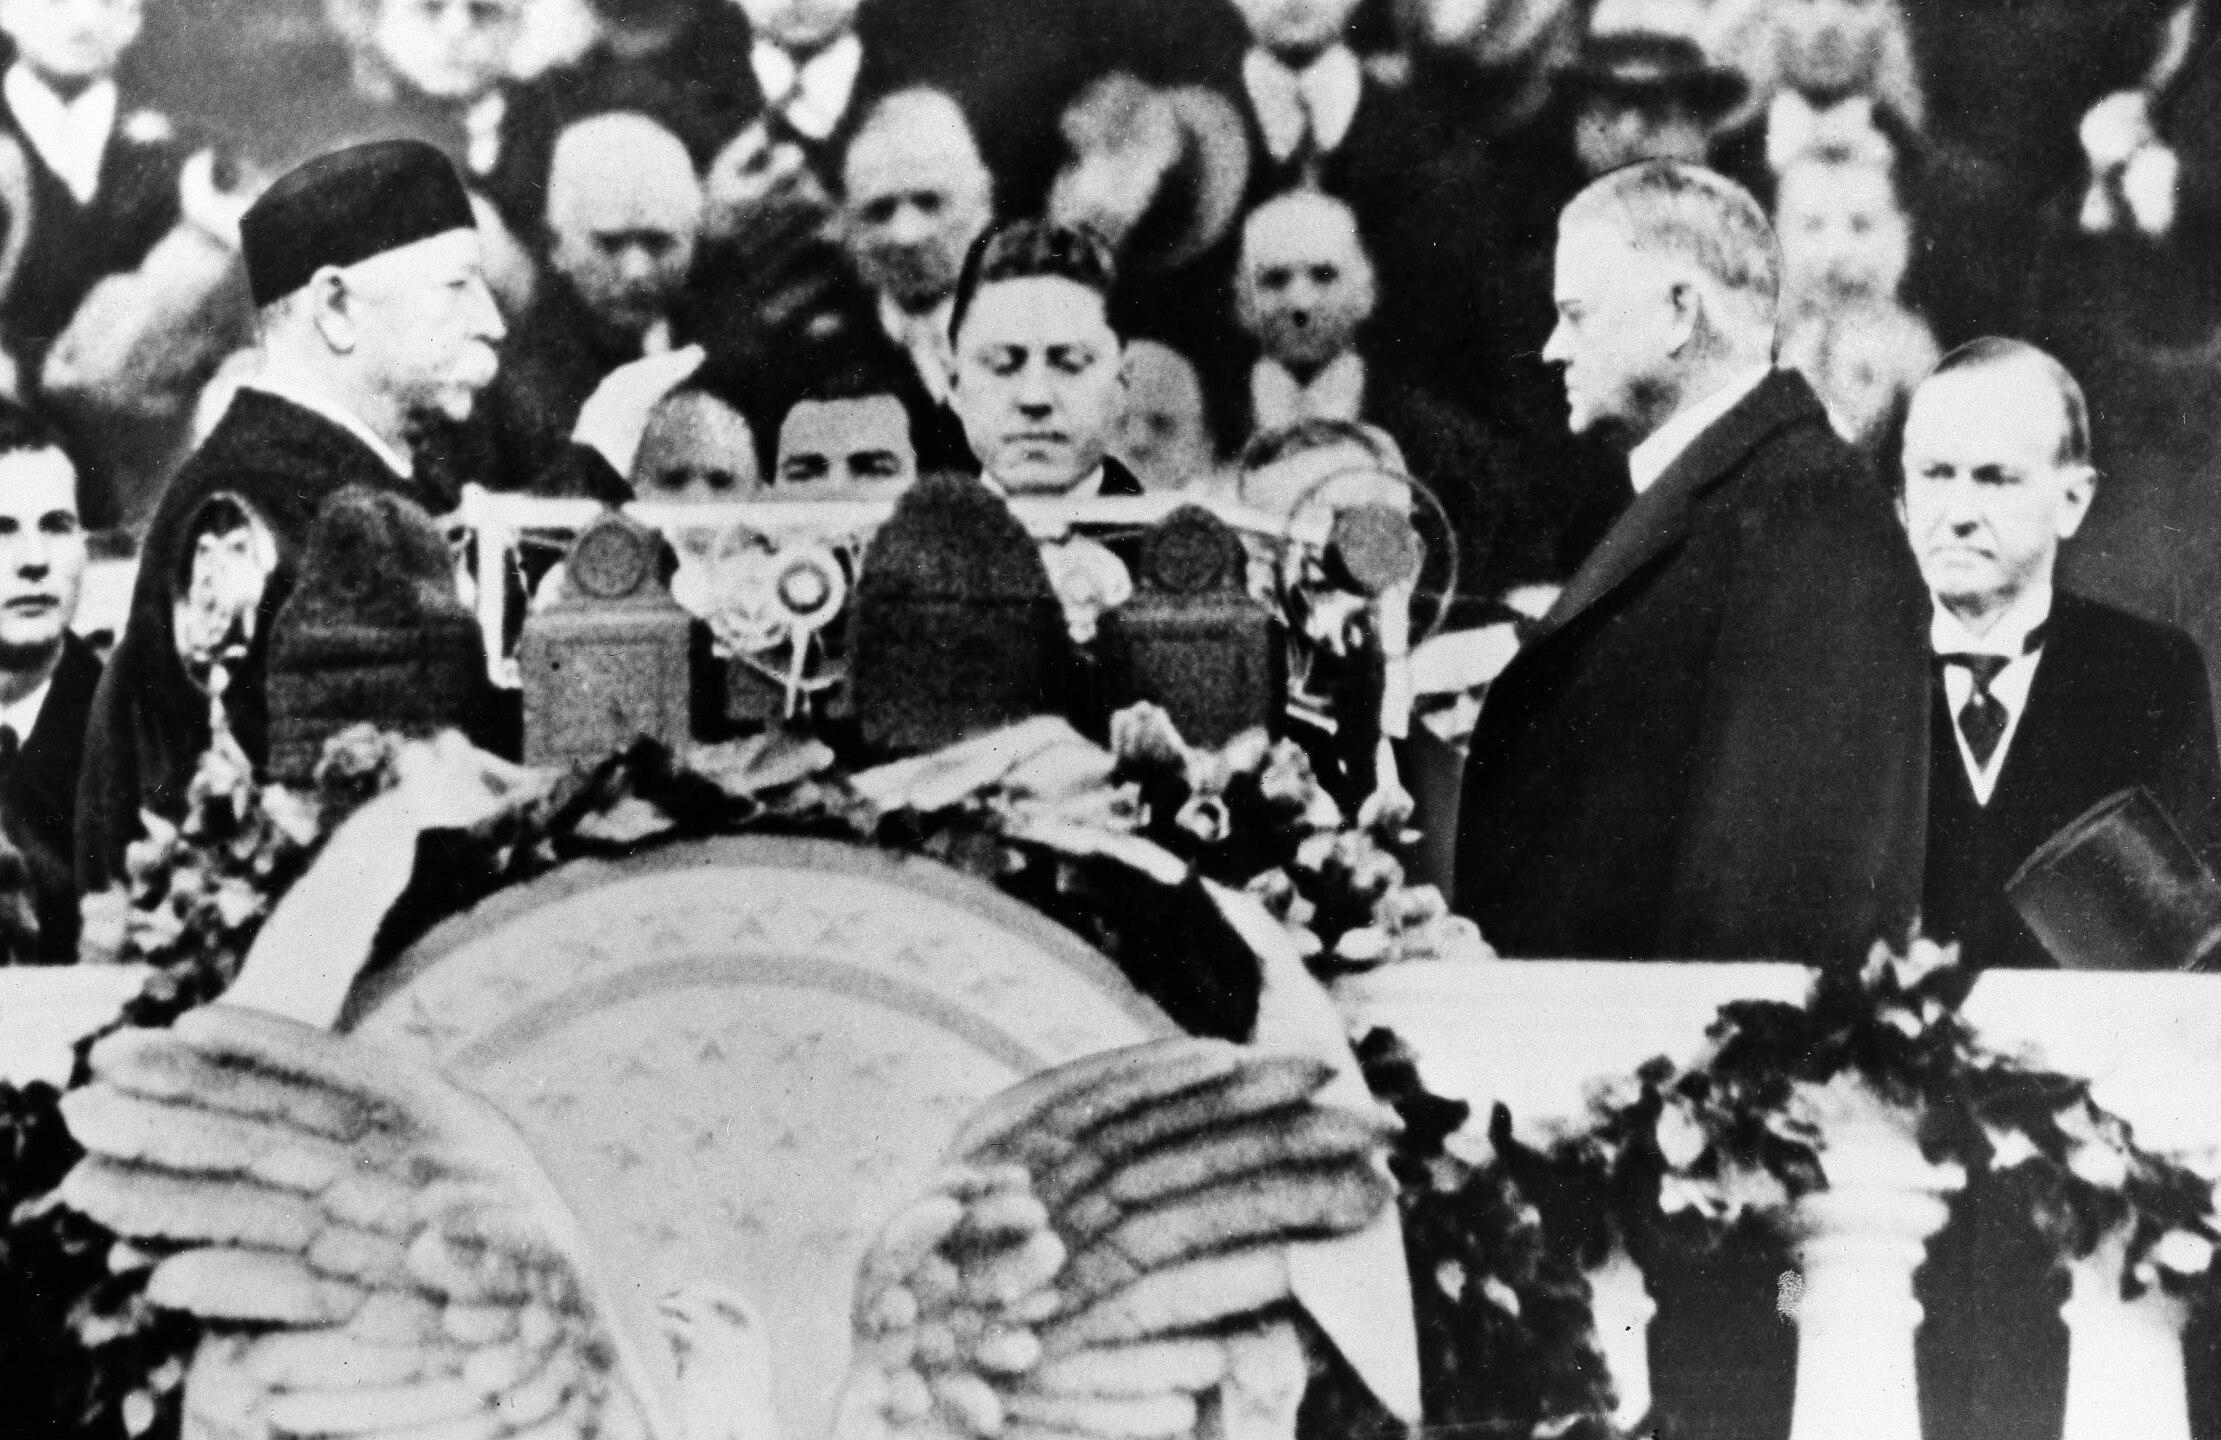 William Howard Taft, Calvin Coolidge, Herbert Hoover